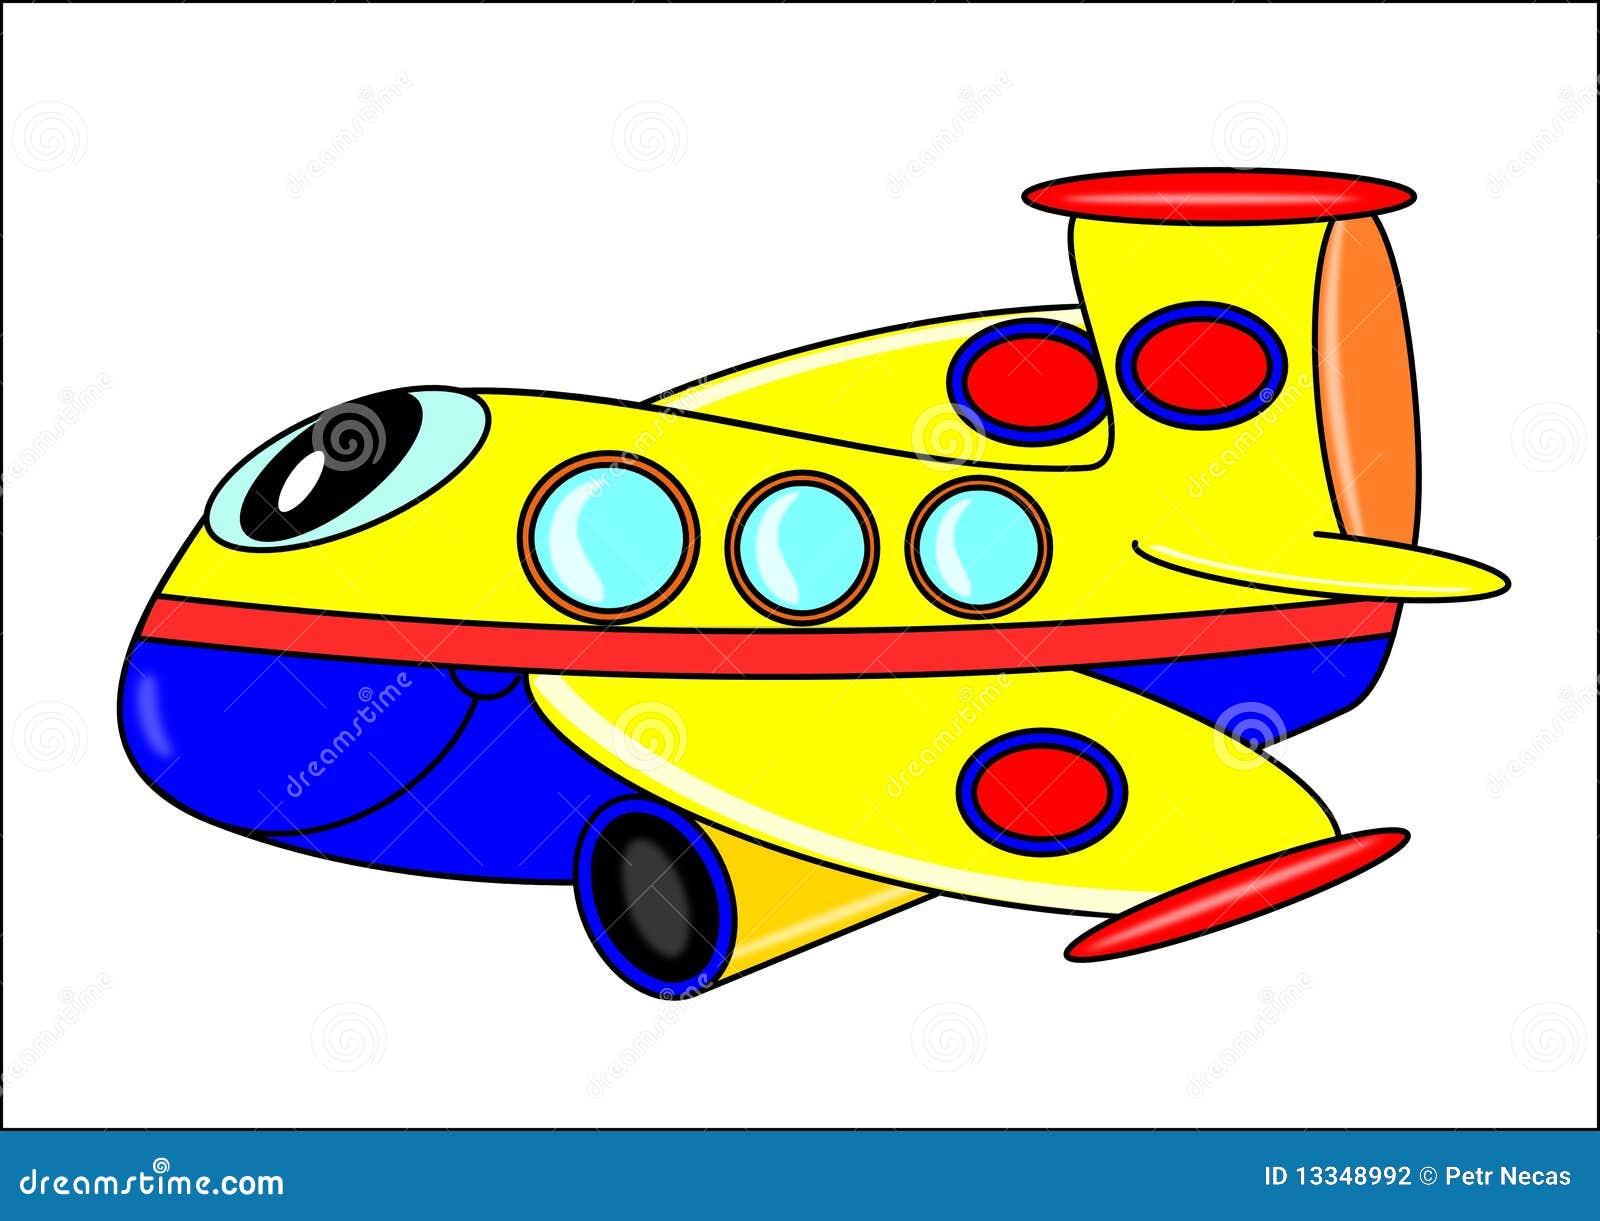 给小朋友讲飞机